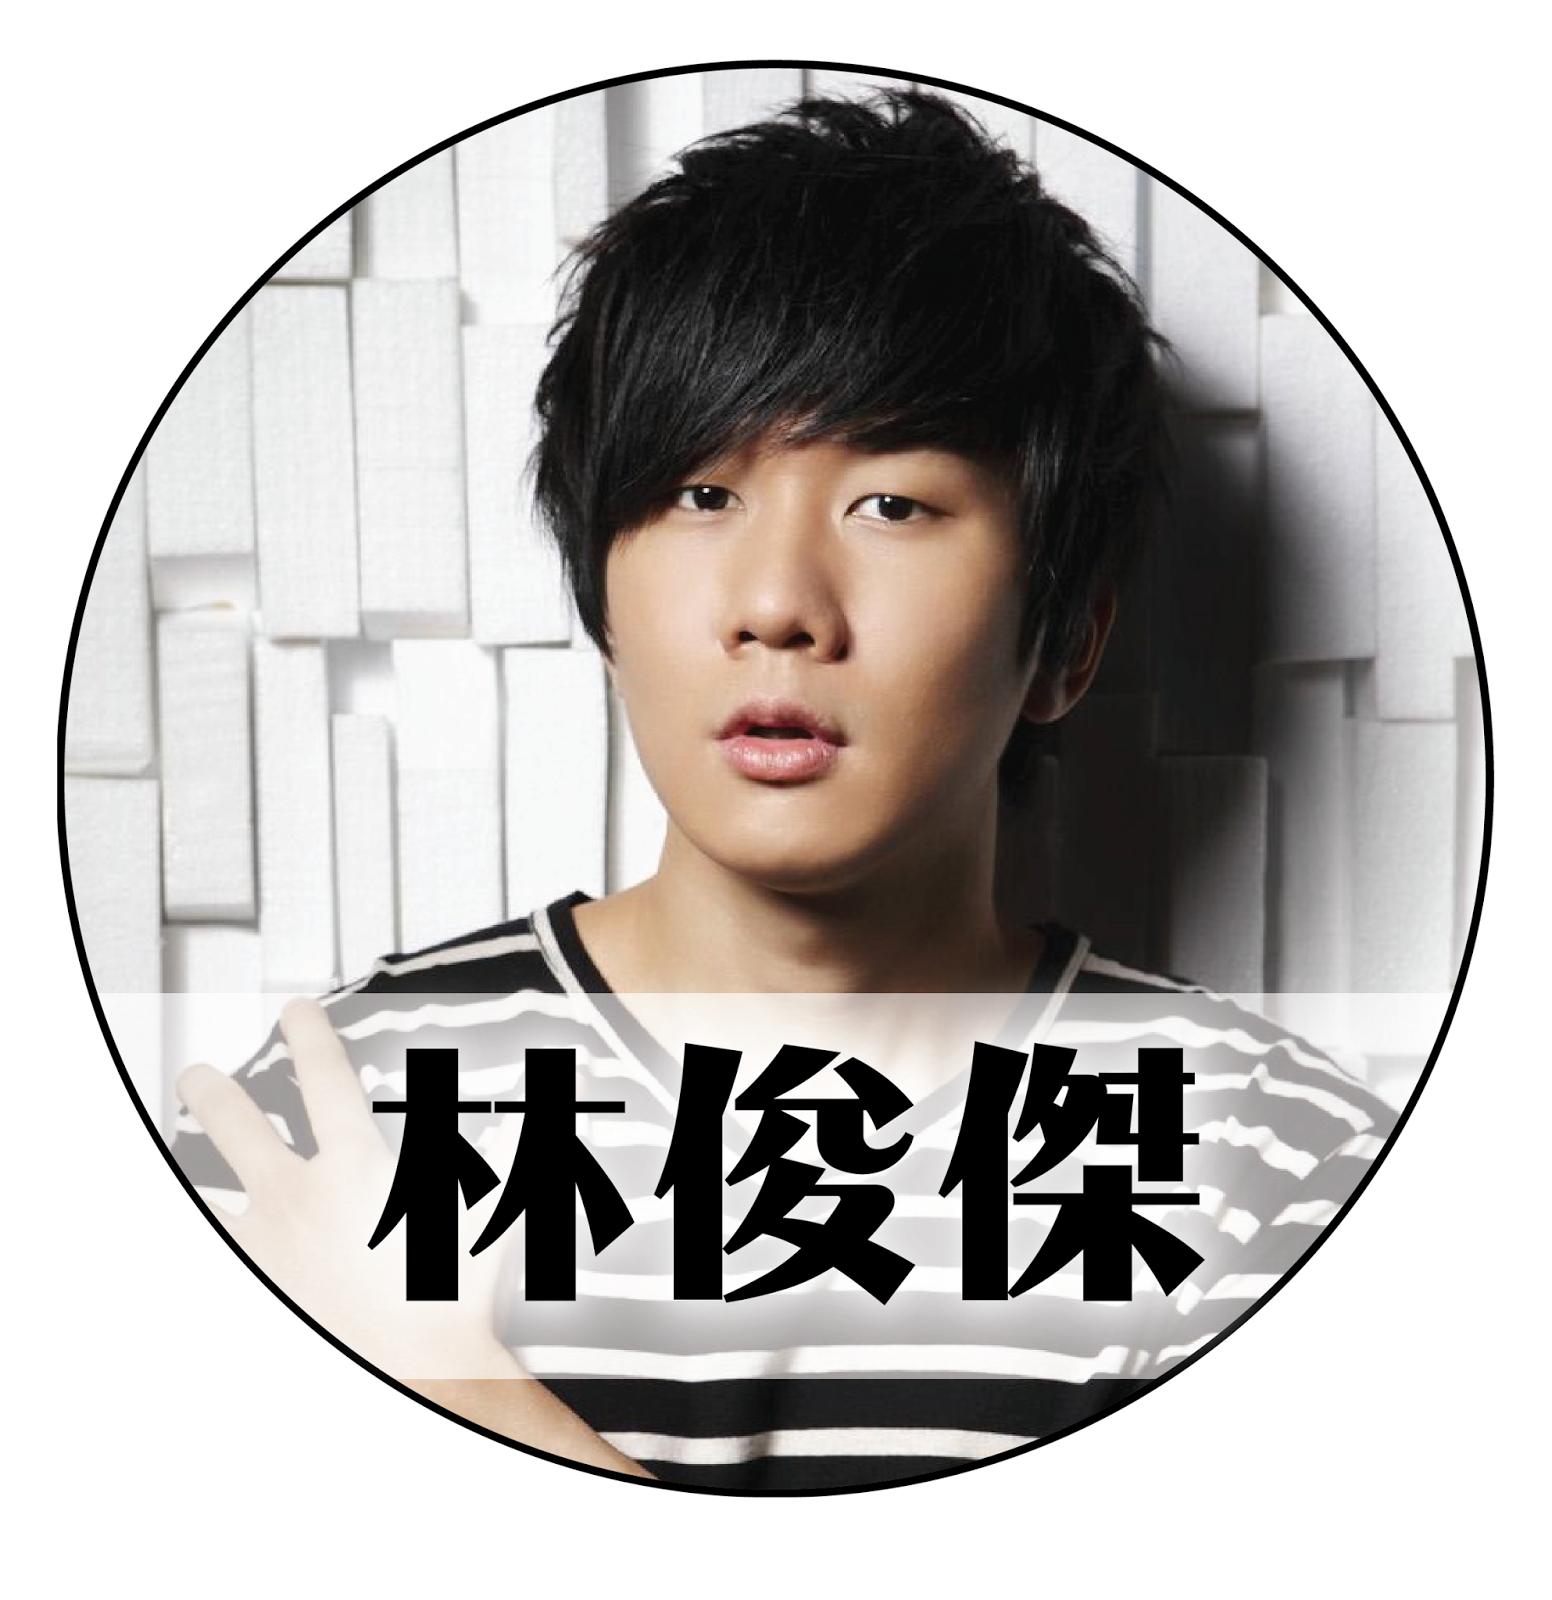 林俊傑 | [組圖+影片] 的最新詳盡資料** (必看!!) - www.go2tutor.com